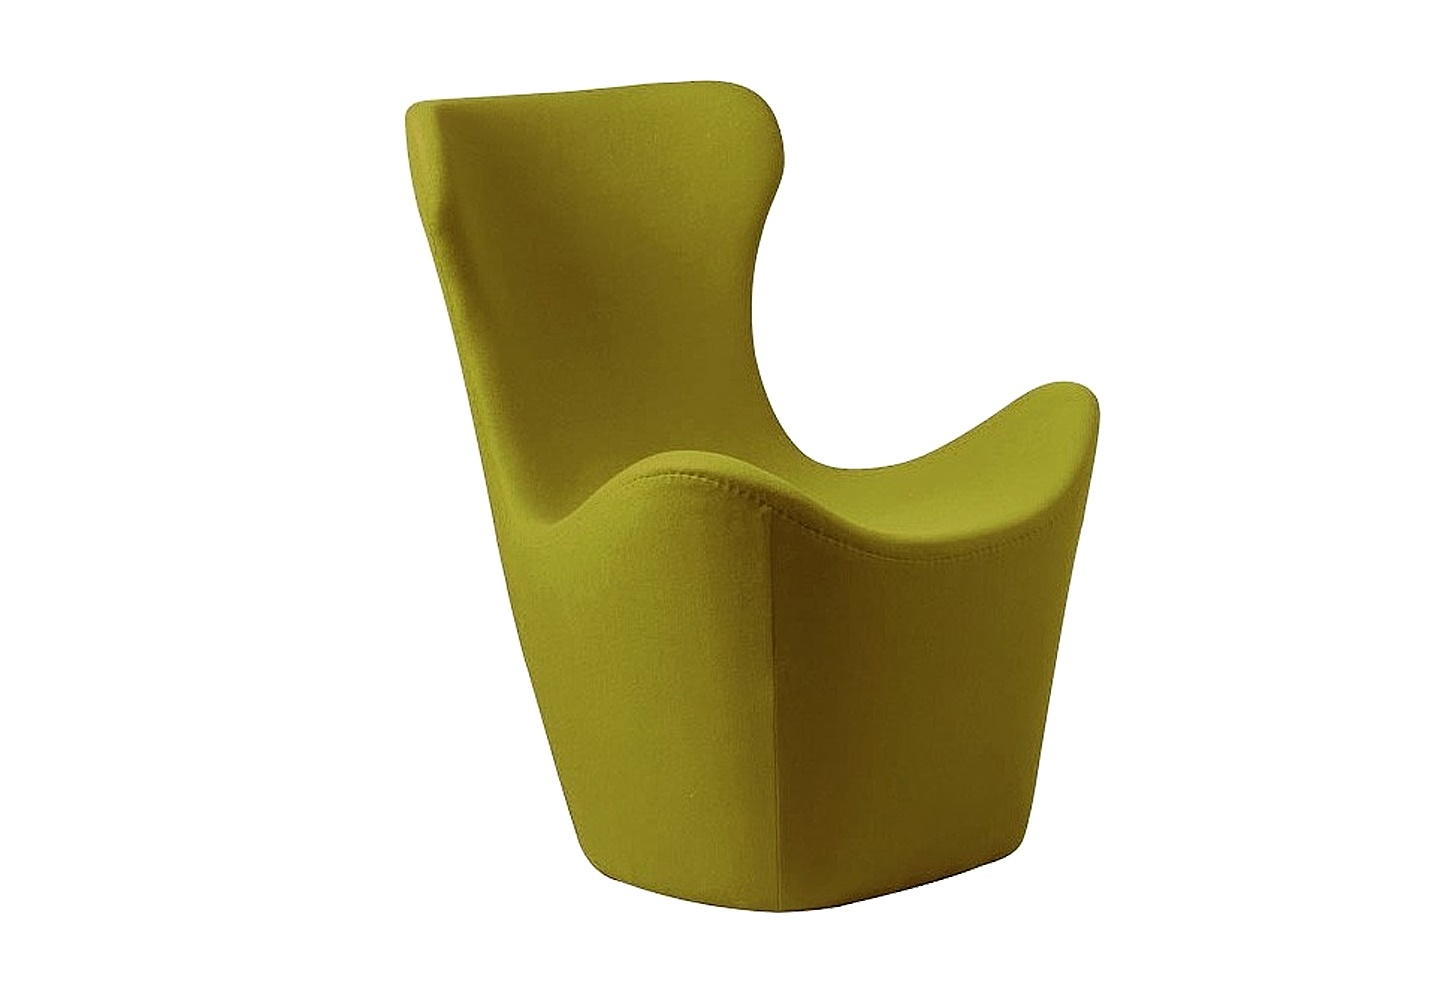 Кресло Papilio Lounge ChairИнтерьерные кресла<br>Изысканное оливковое кресло &amp;amp;nbsp;&amp;quot;PAPILIO LOUNGE CHAIR&amp;quot; от японского дизайнера Наото Фукасава невероятно комфортабельно: его высокая спинка с подголовником так и манит облокотиться &amp;amp;nbsp;на нее и отдохнуть. Обивка кресла изготовлена из натурального кашемира, поэтому кресло согреет в холодную погоду и останется прохладным на ощупь в жару. Оно &amp;amp;nbsp;прекрасно подойдет для интерьера в современном стиле.<br><br>Material: Кашемир<br>Length см: 83<br>Width см: 82<br>Height см: 103